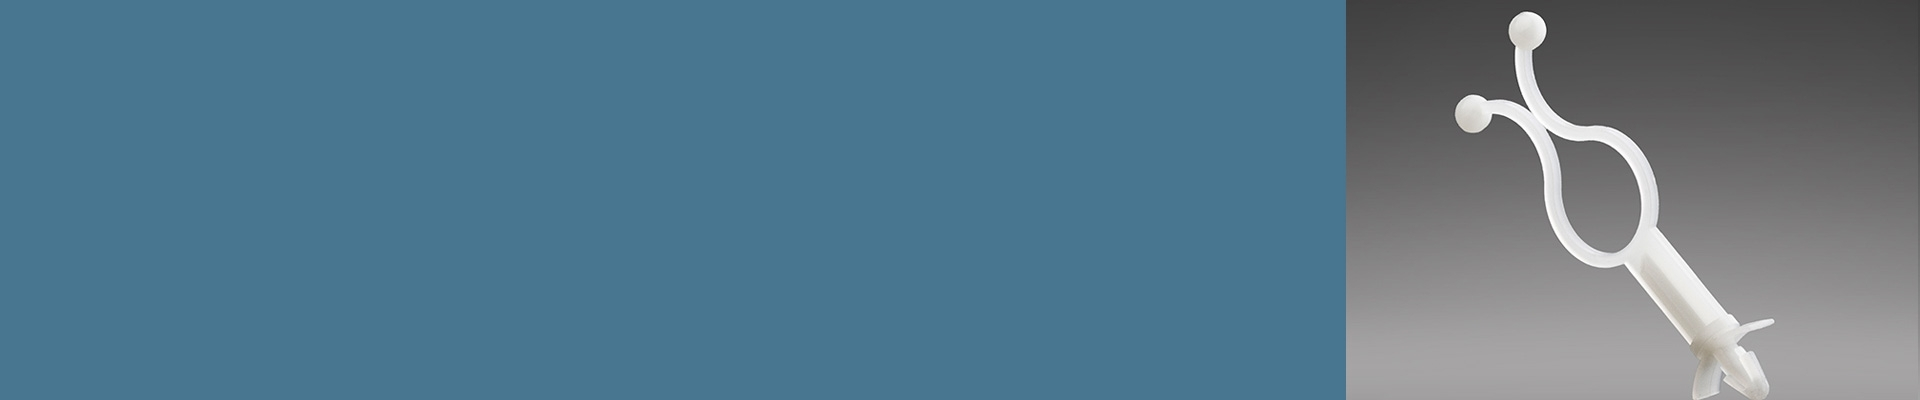 Kabelmanagement | Kabeldriller - Spreizanker für Blindlochmontage